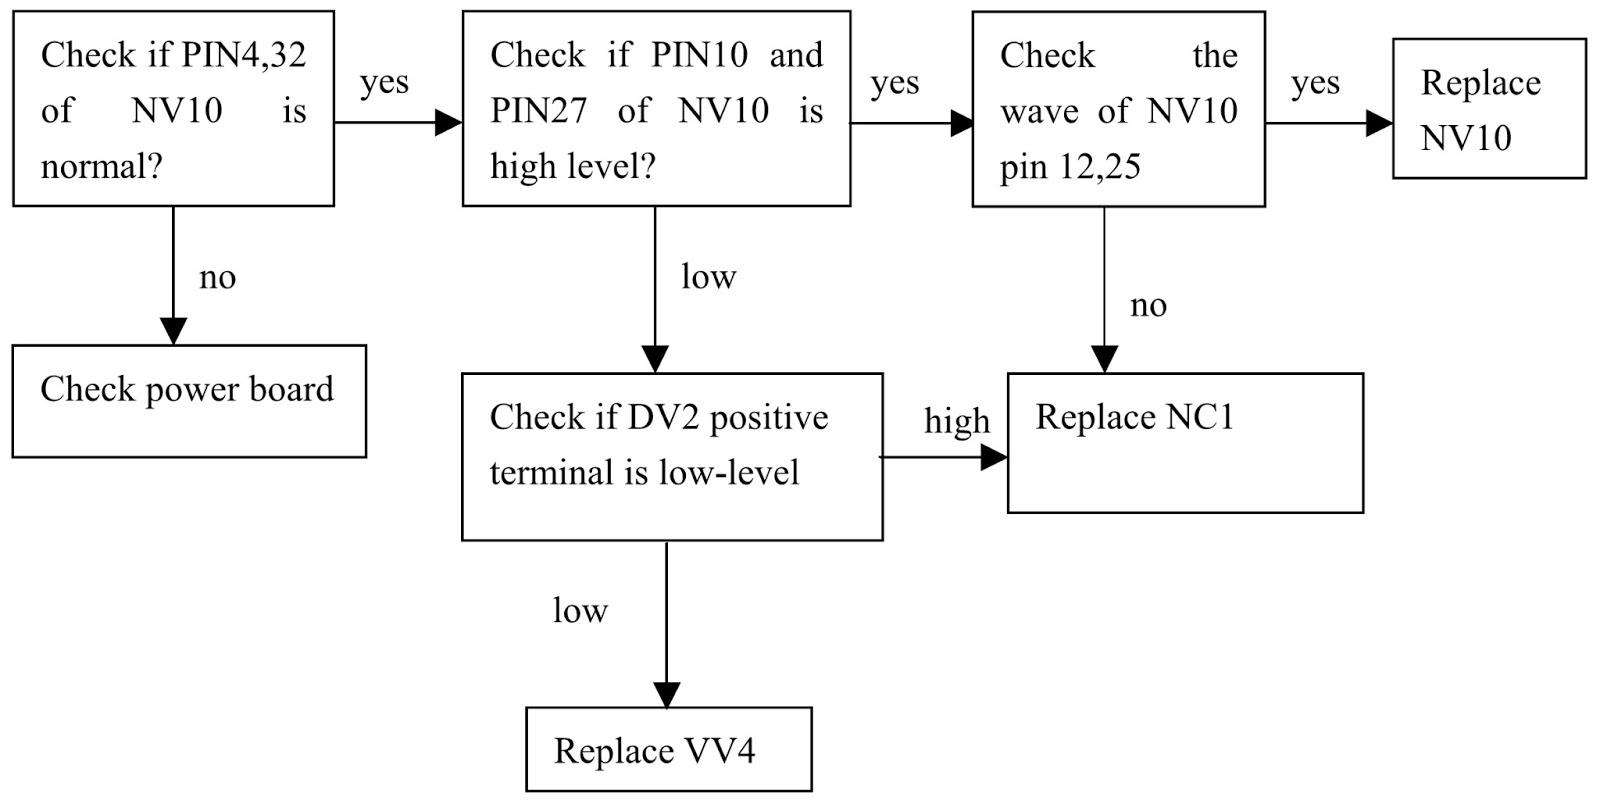 insignia e55ca1nkavbynnx lcd tv wiring diagram dometic lcd thermostat wiring diagram insignia ns-lcd37hd-09 _ xoceco - lc37hv41 ...